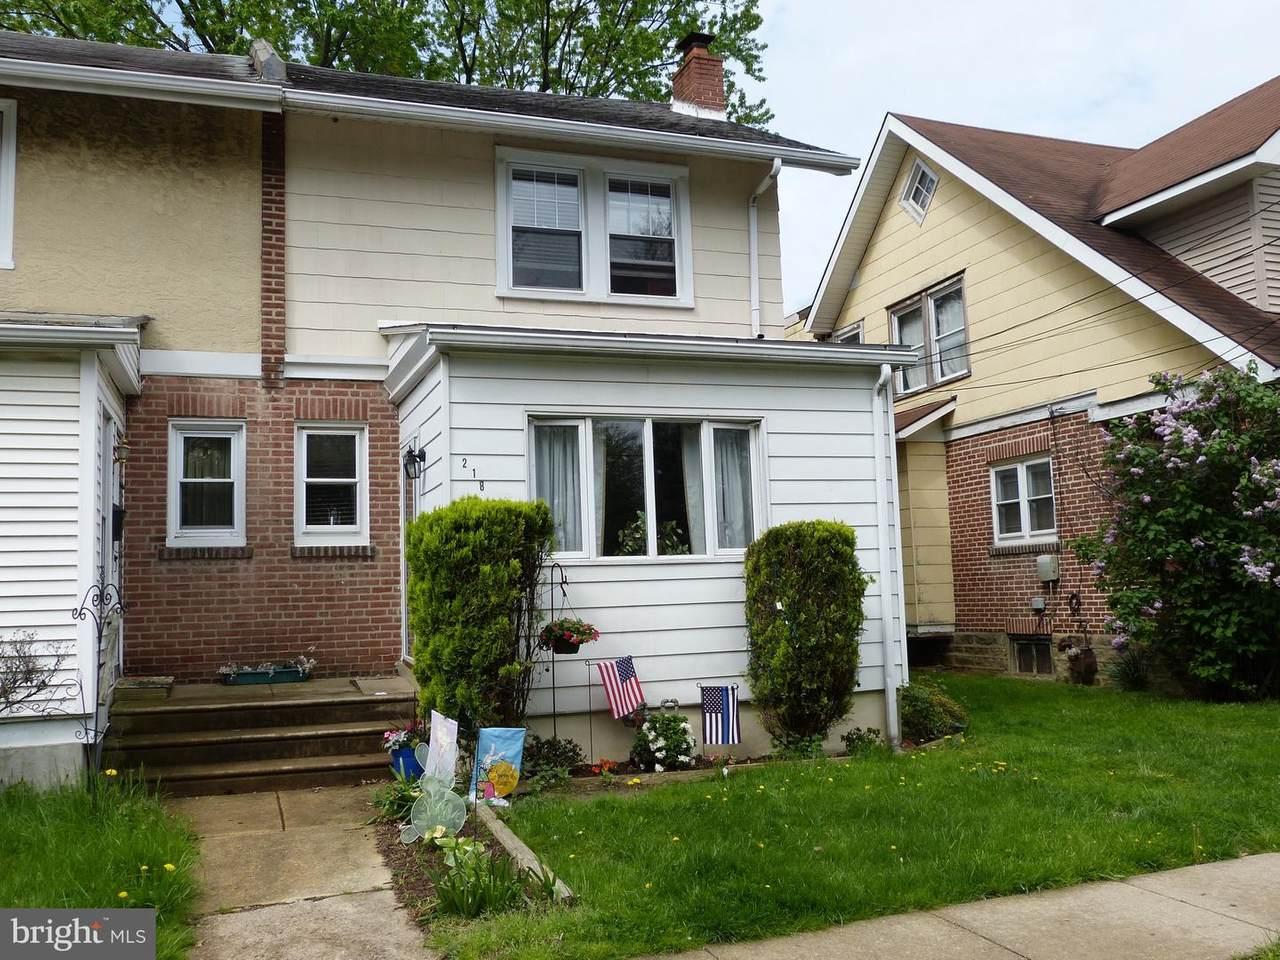 218 Woodlawn Avenue - Photo 1